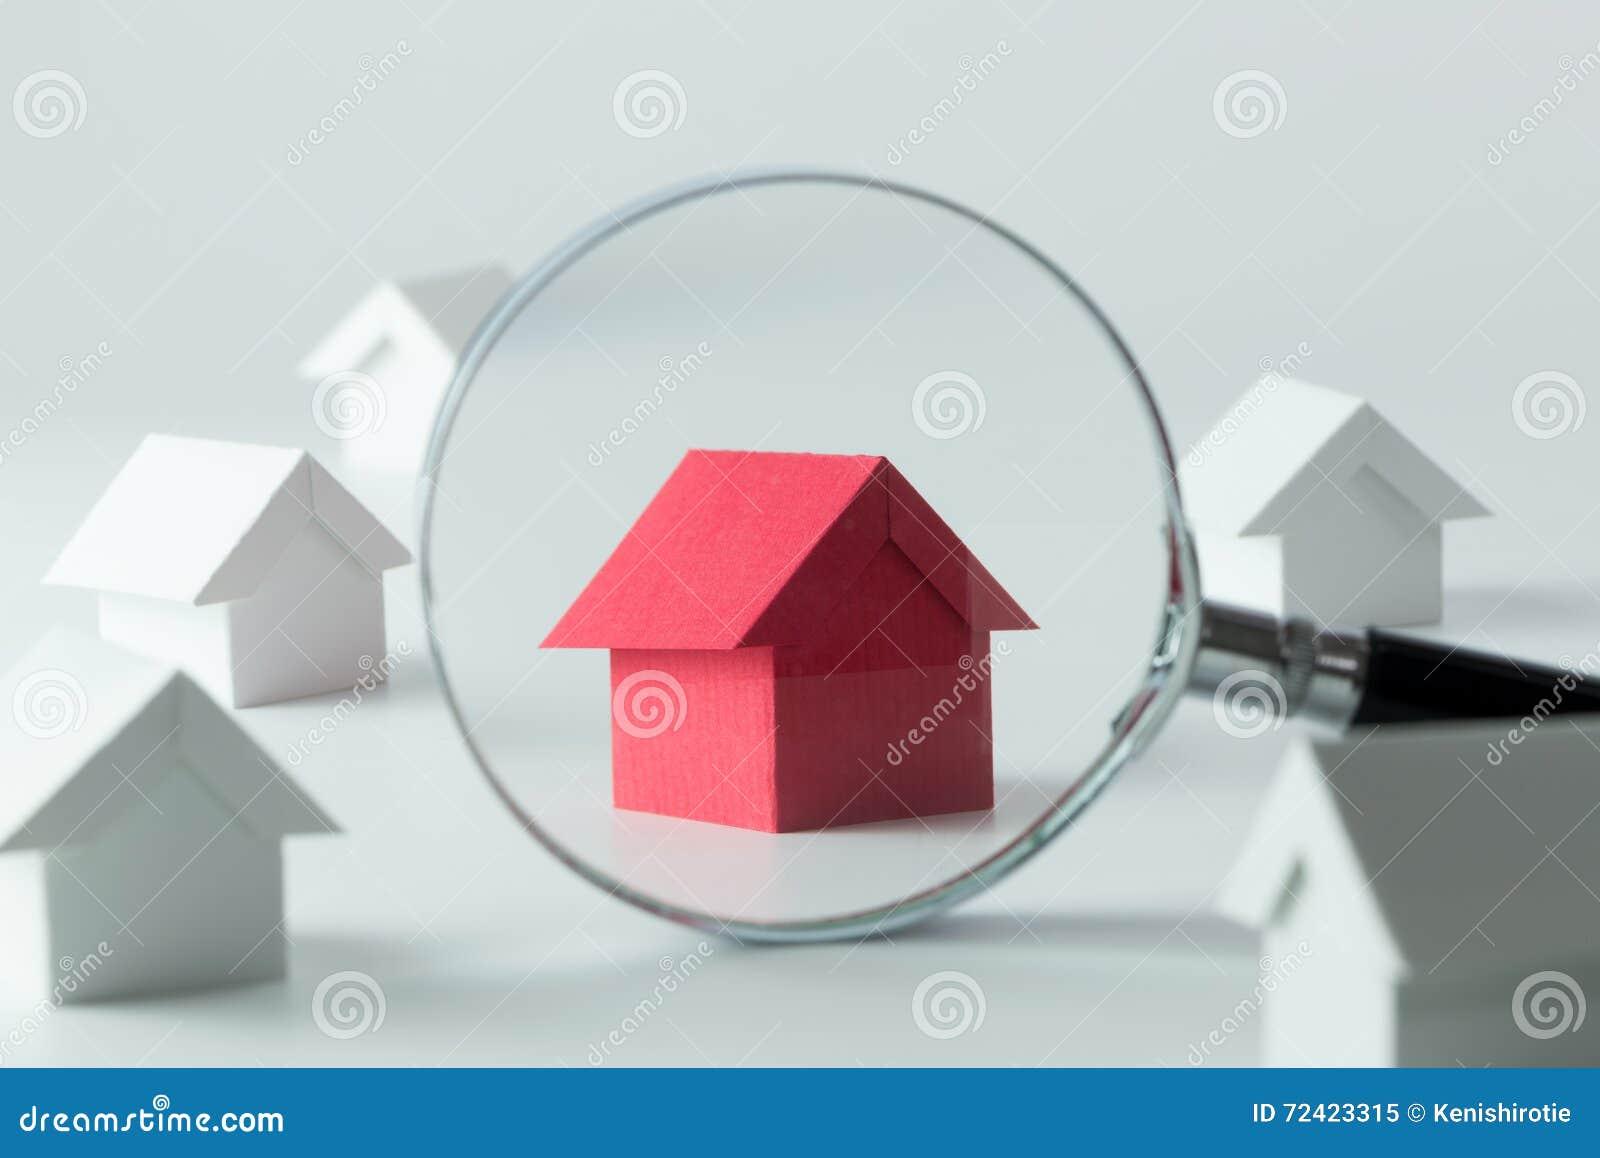 Suchen nach Haus